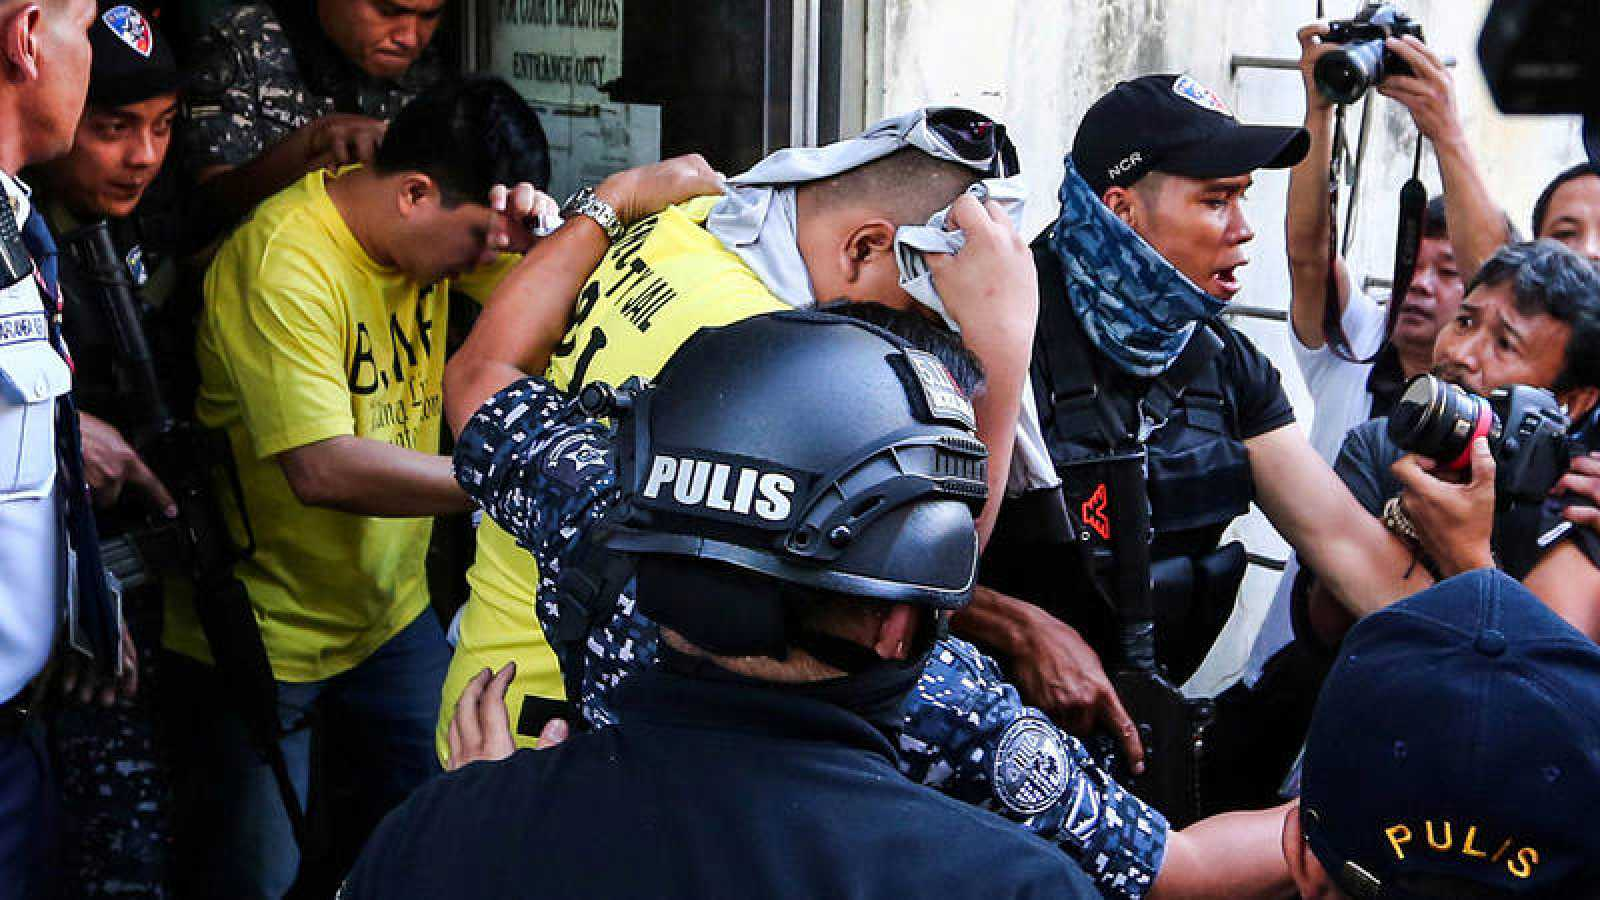 Los policías condenados por la muerte de Kian delos Santos salen escoltados del tribunal en Manila, Filipinas. REUTERS/Maria Tan